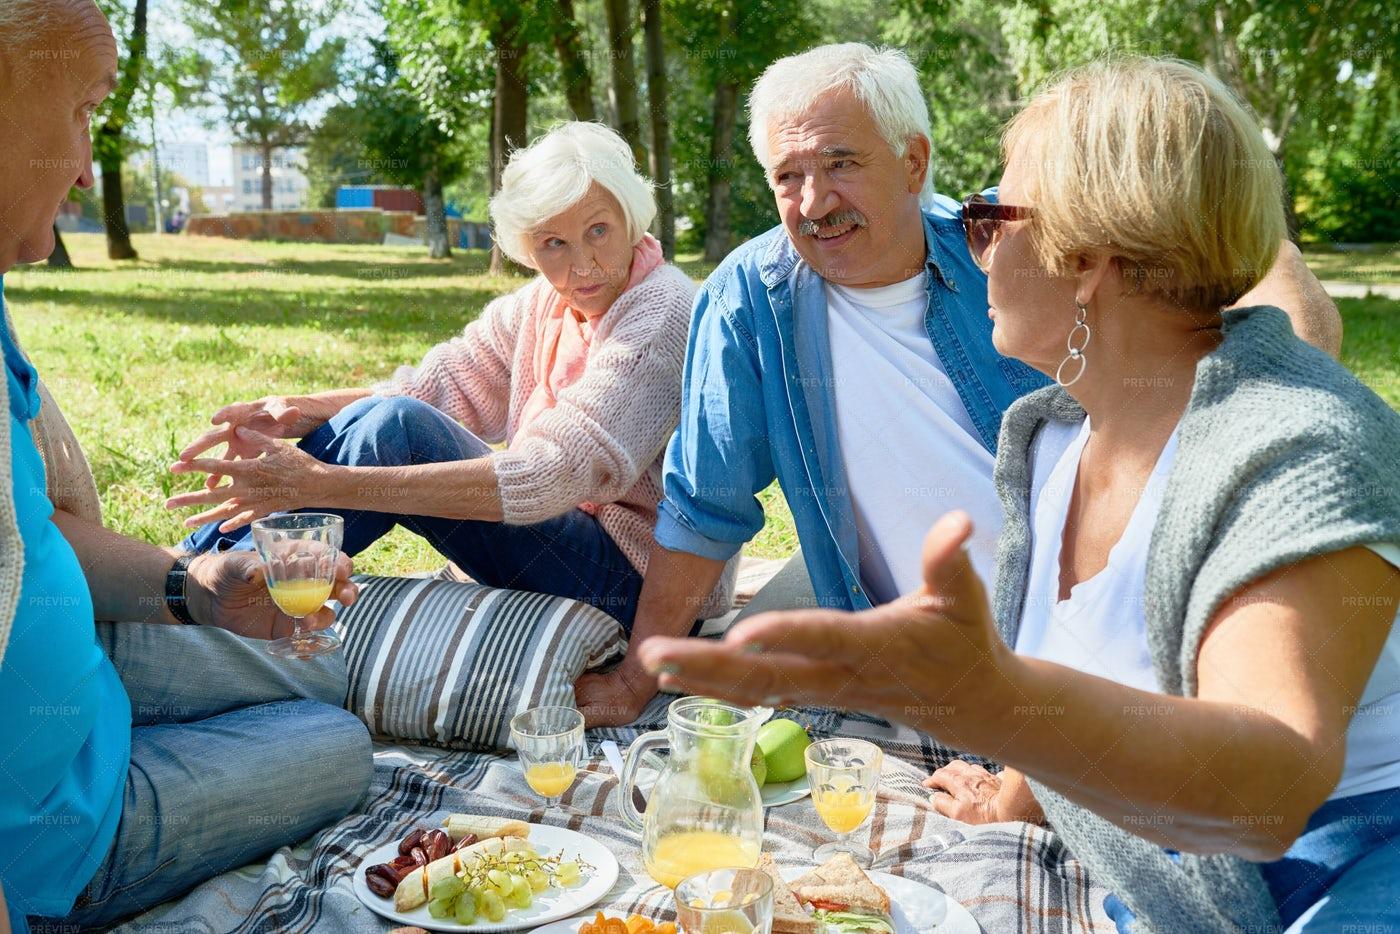 Seniors Enjoying Picnic In Sunny...: Stock Photos